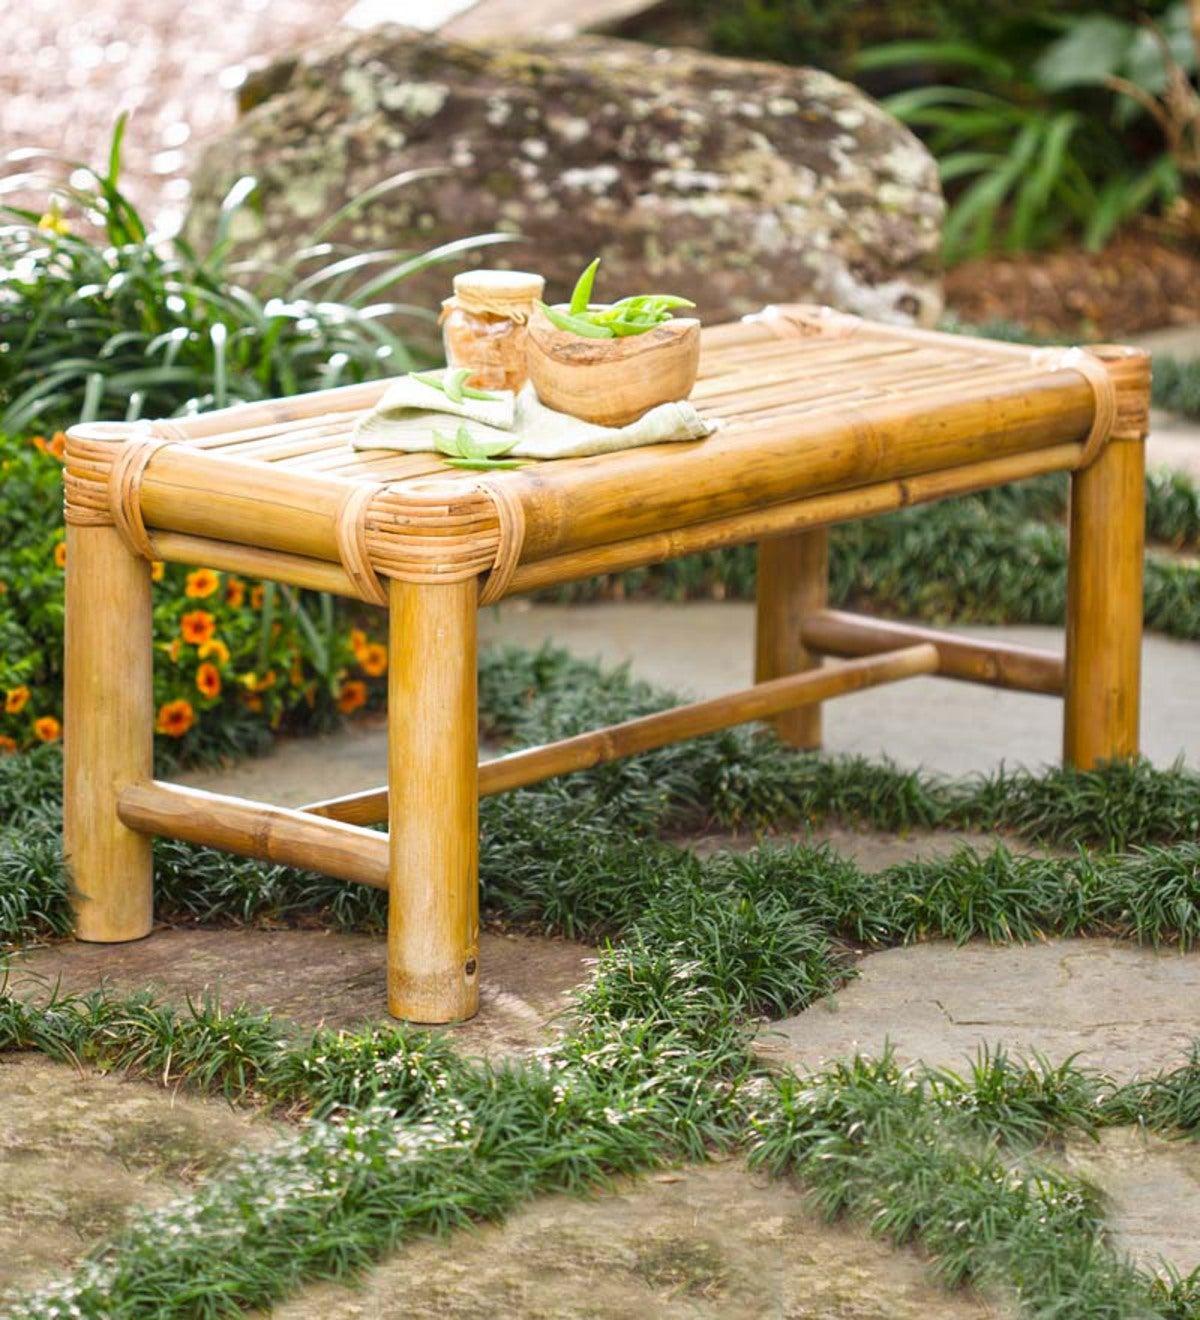 Bamboo Outdoor Bench Plowhearth